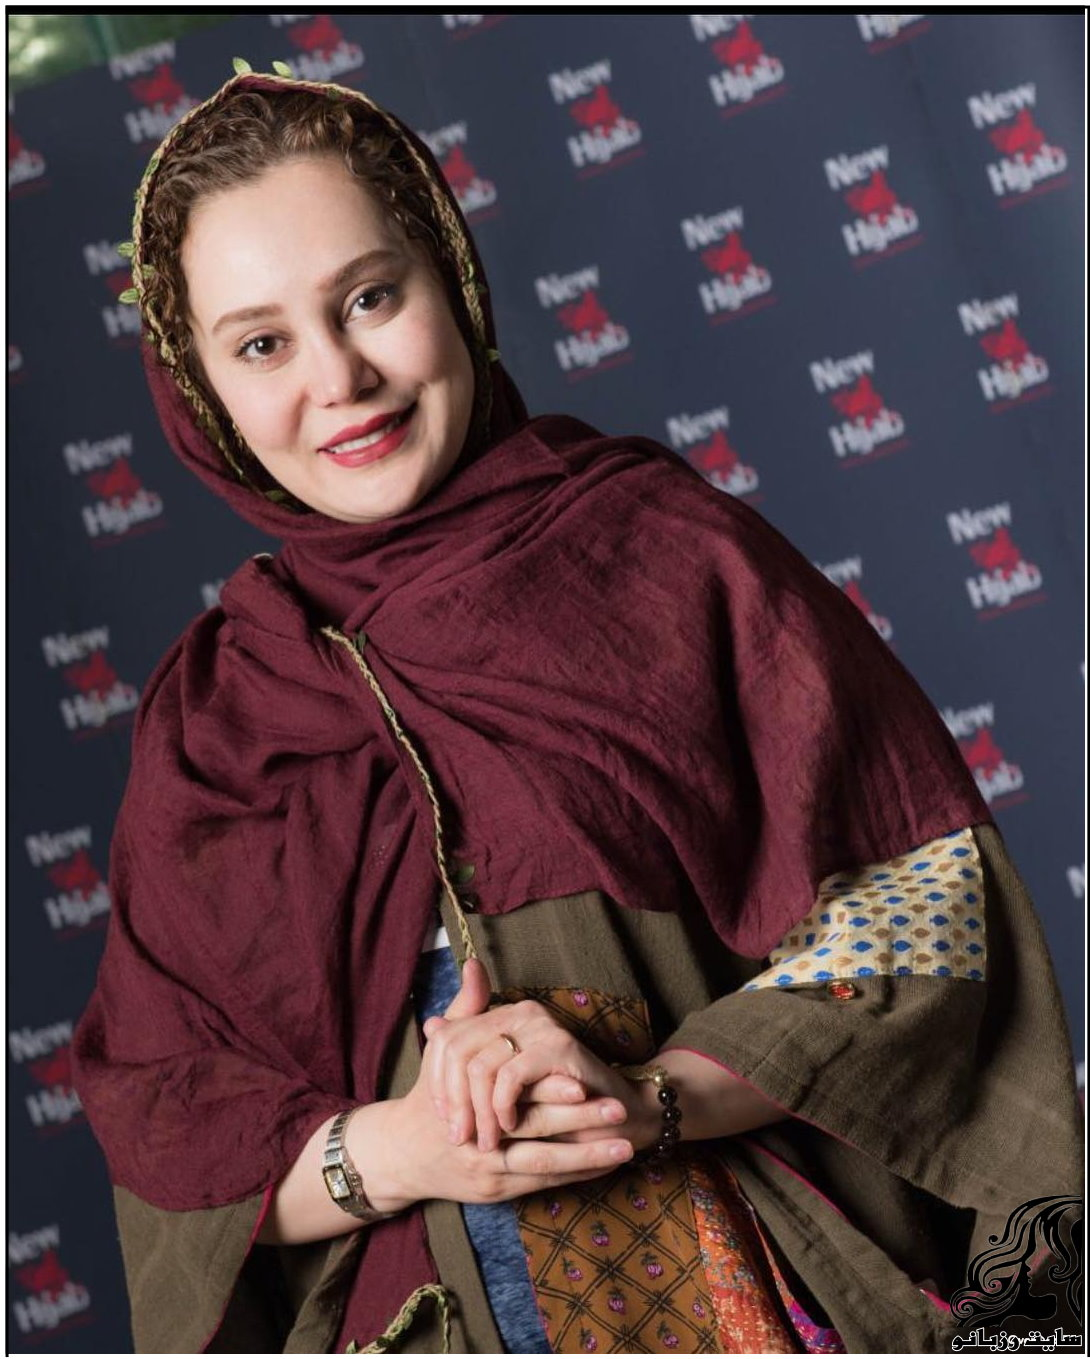 تصاویر آرام جعفری در فروشگاه نیو حجاب